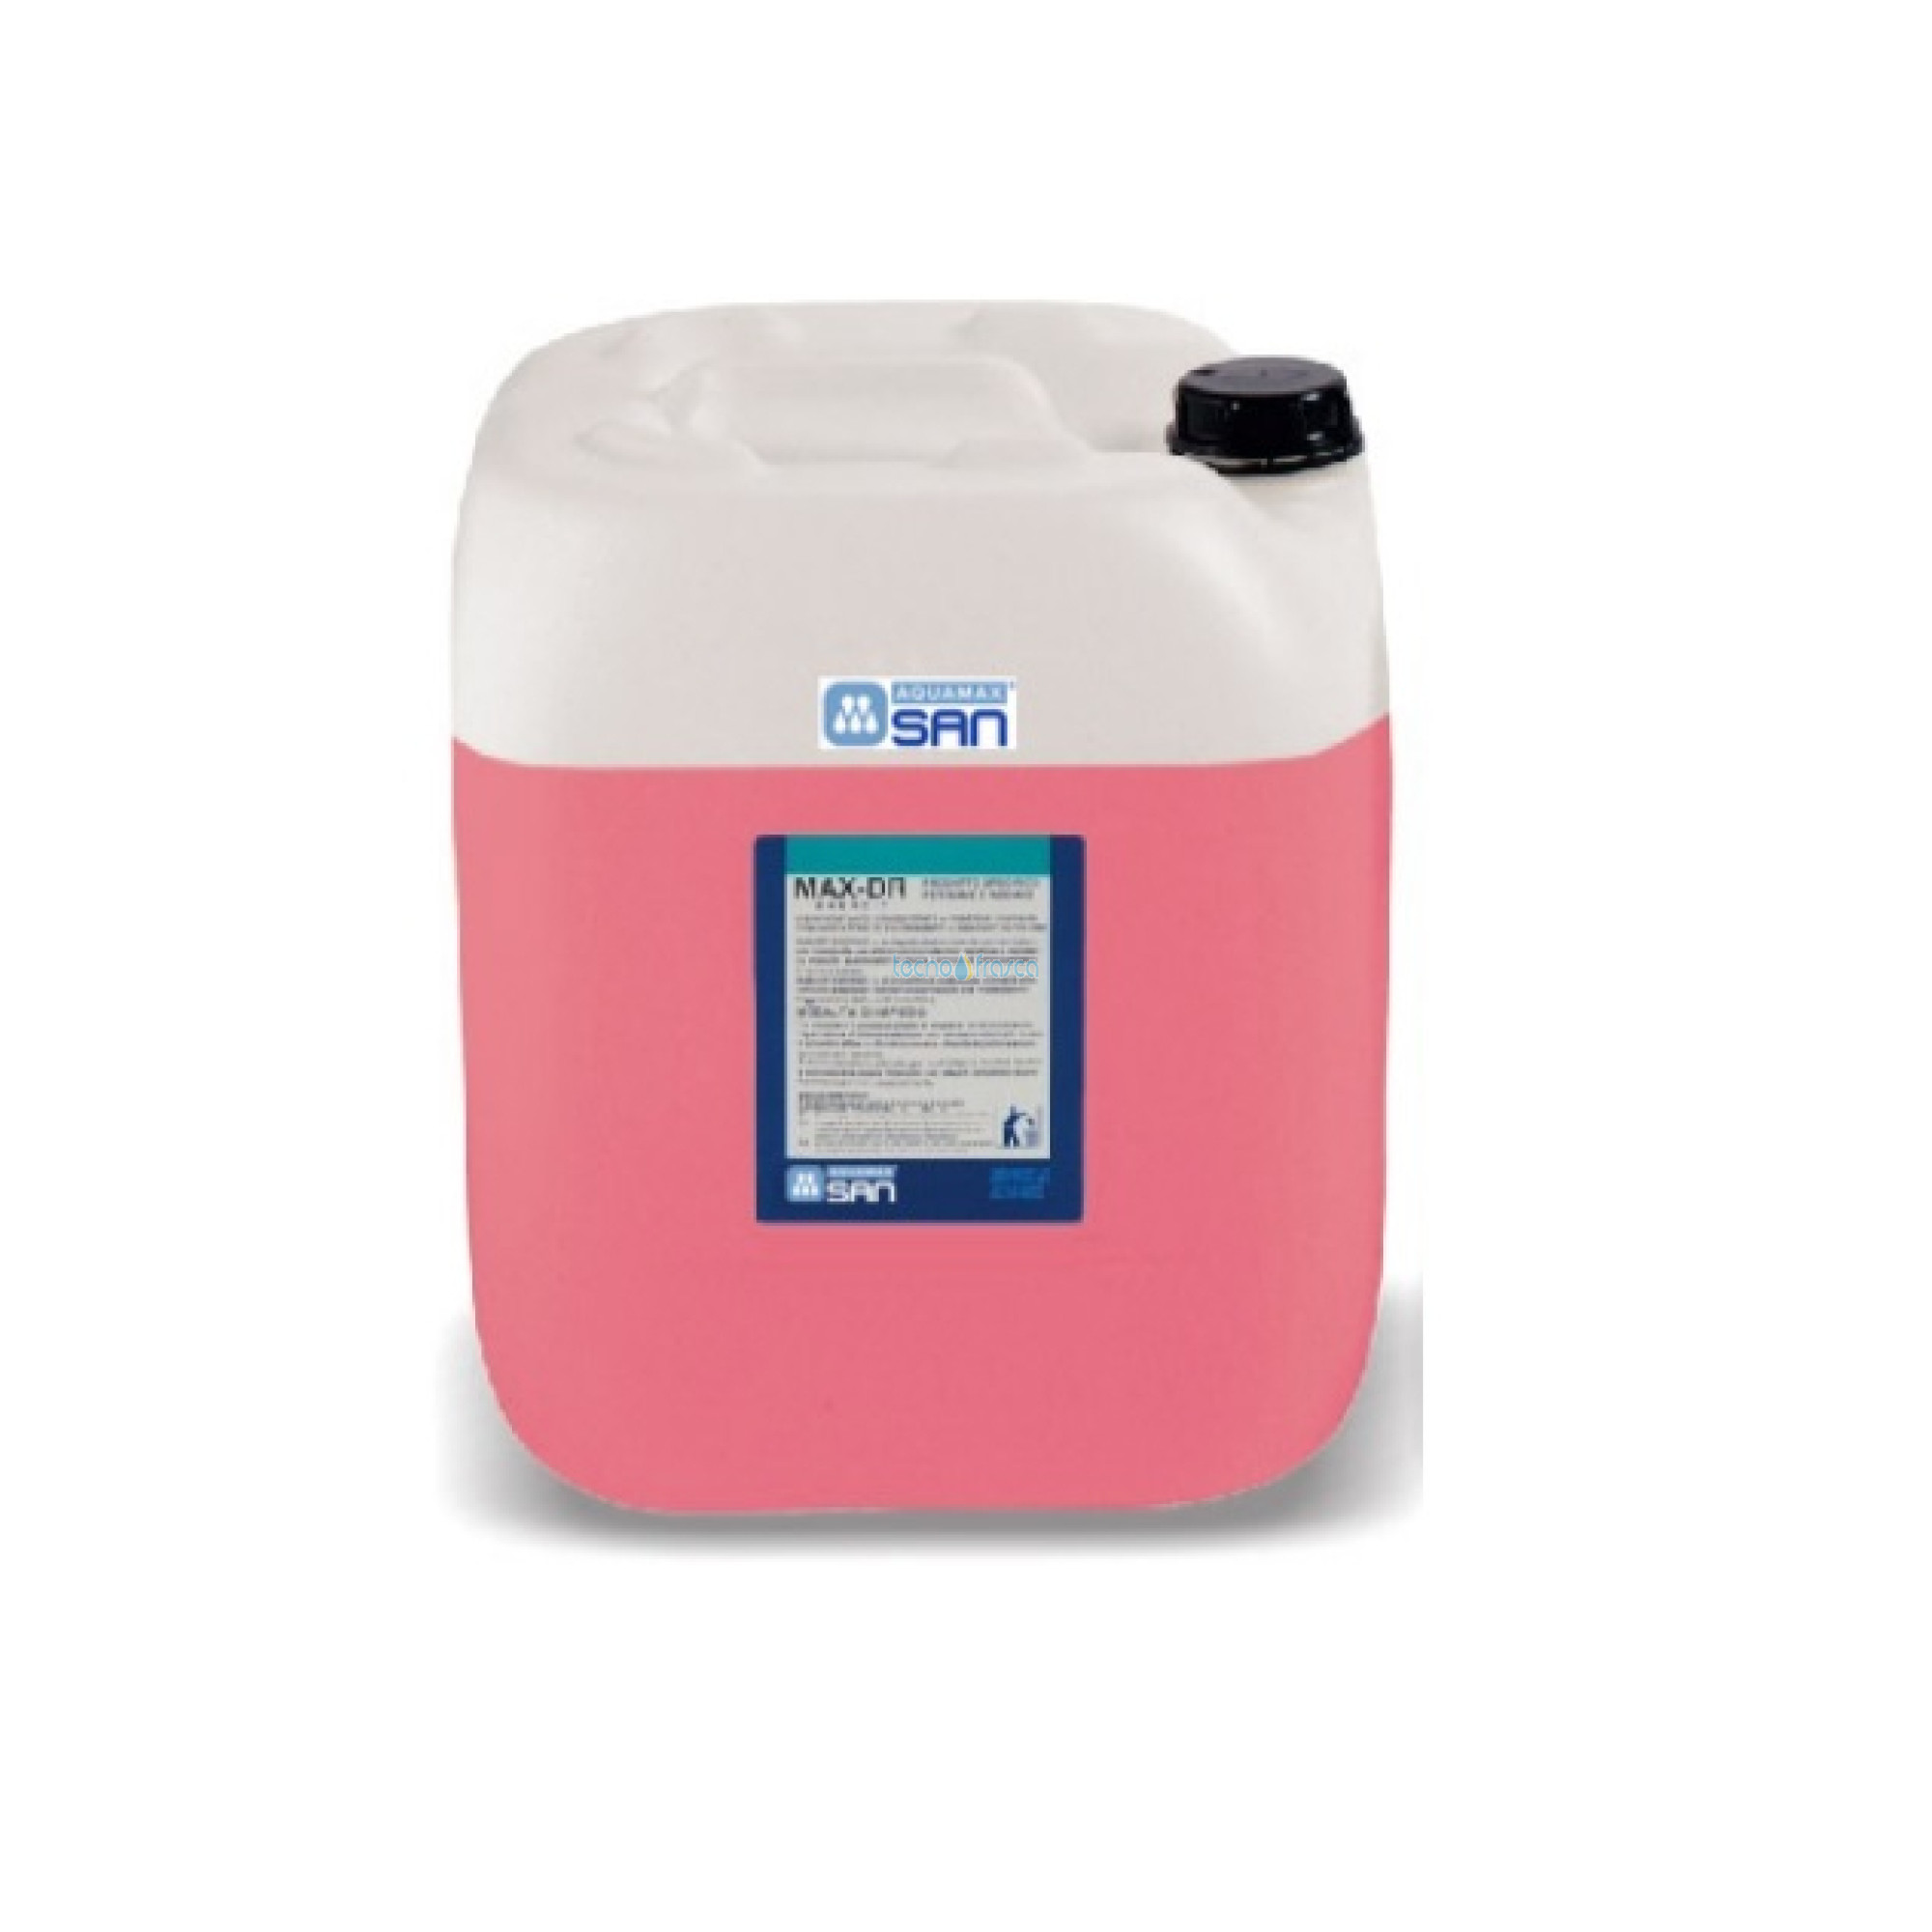 Aquamax disincrostante acido per serpentine e caldaie 10kg